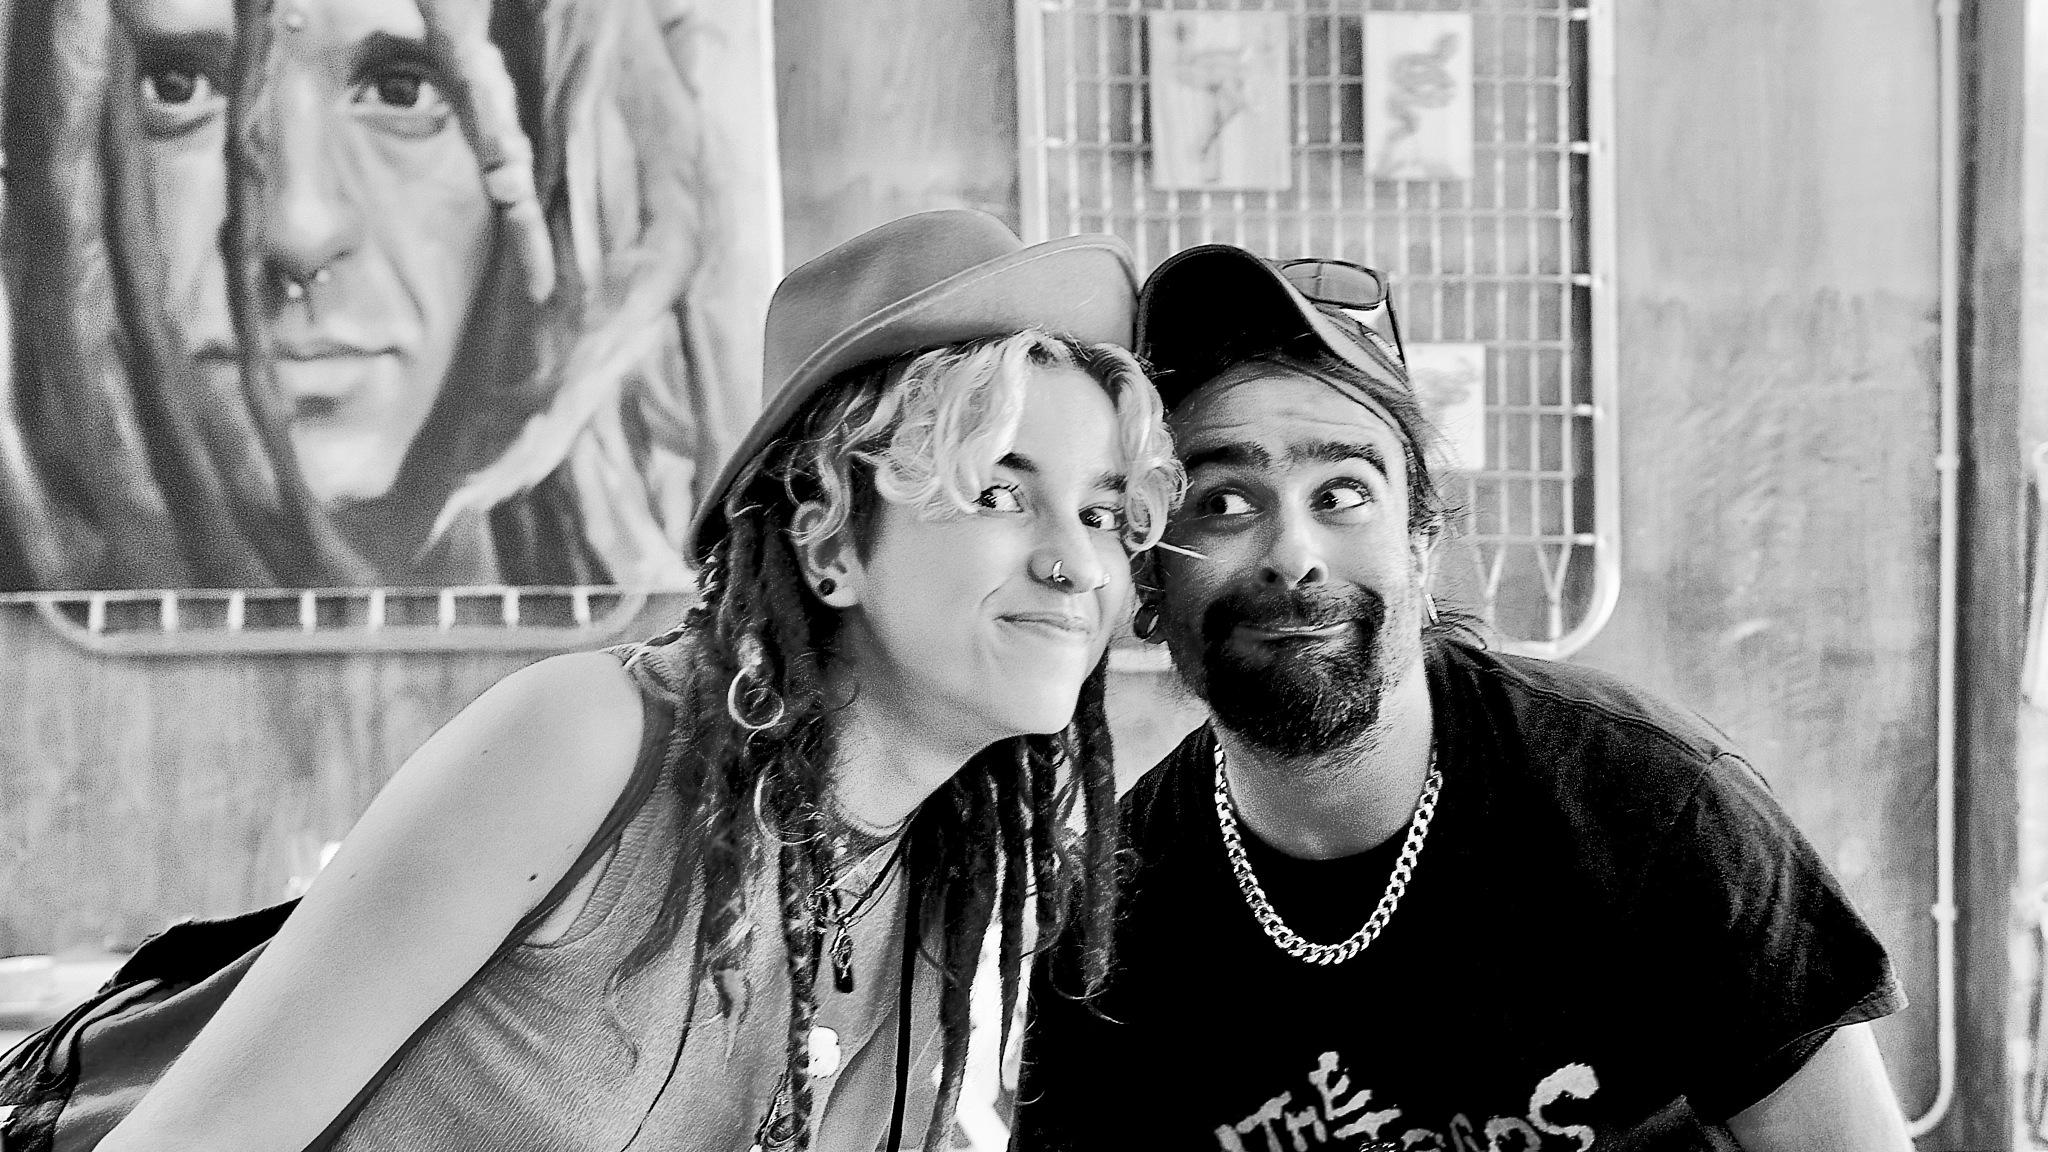 Lorena & Pastor by peterfmmerx